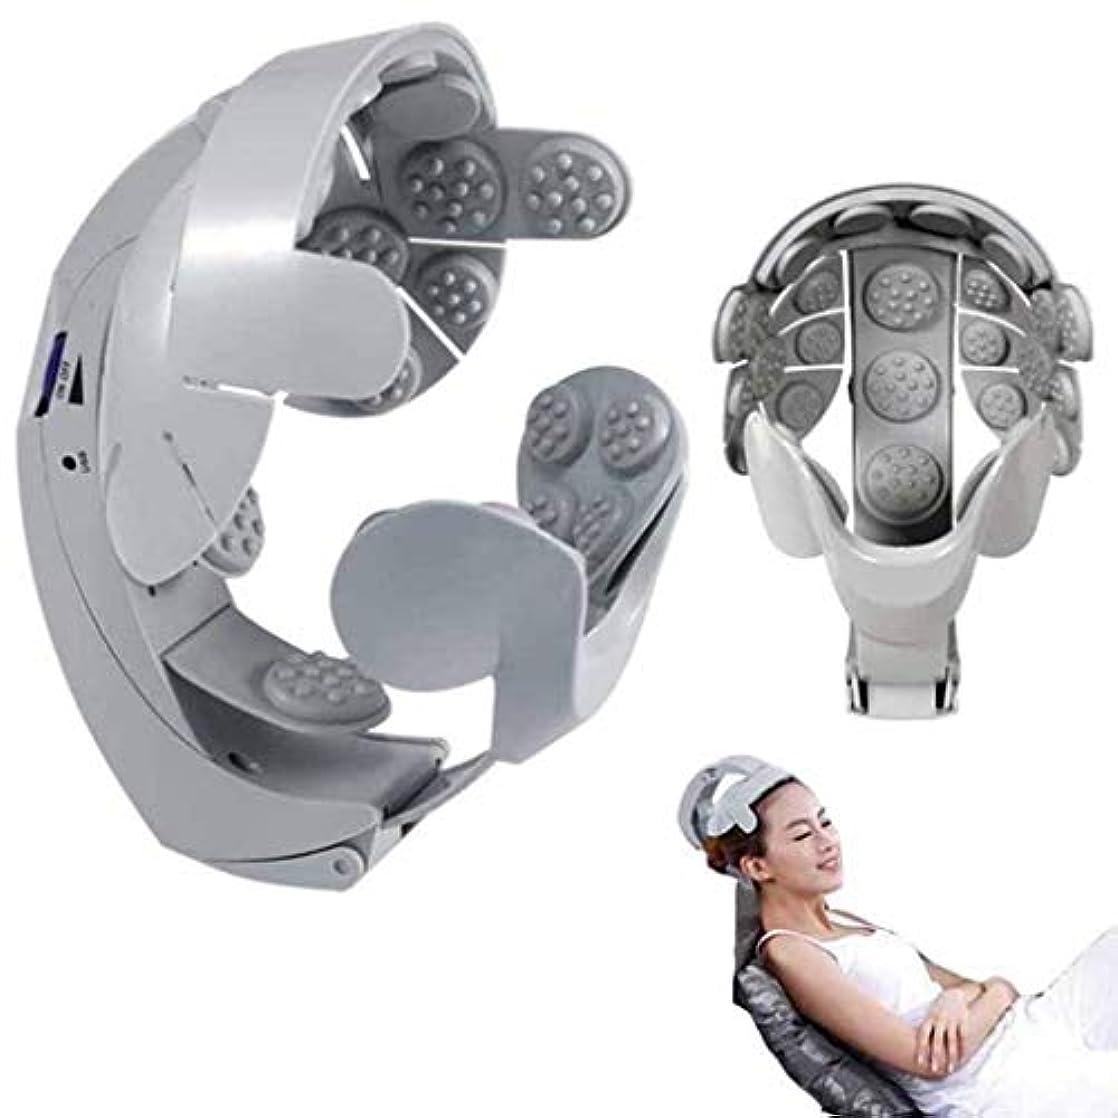 講堂助けて心のこもった電気ヘッドマッサージャー、8調整可能なヘルメット頭皮鍼治療のポイント、ユーザーフレンドリーなデザイン、脳マッサージは簡単です